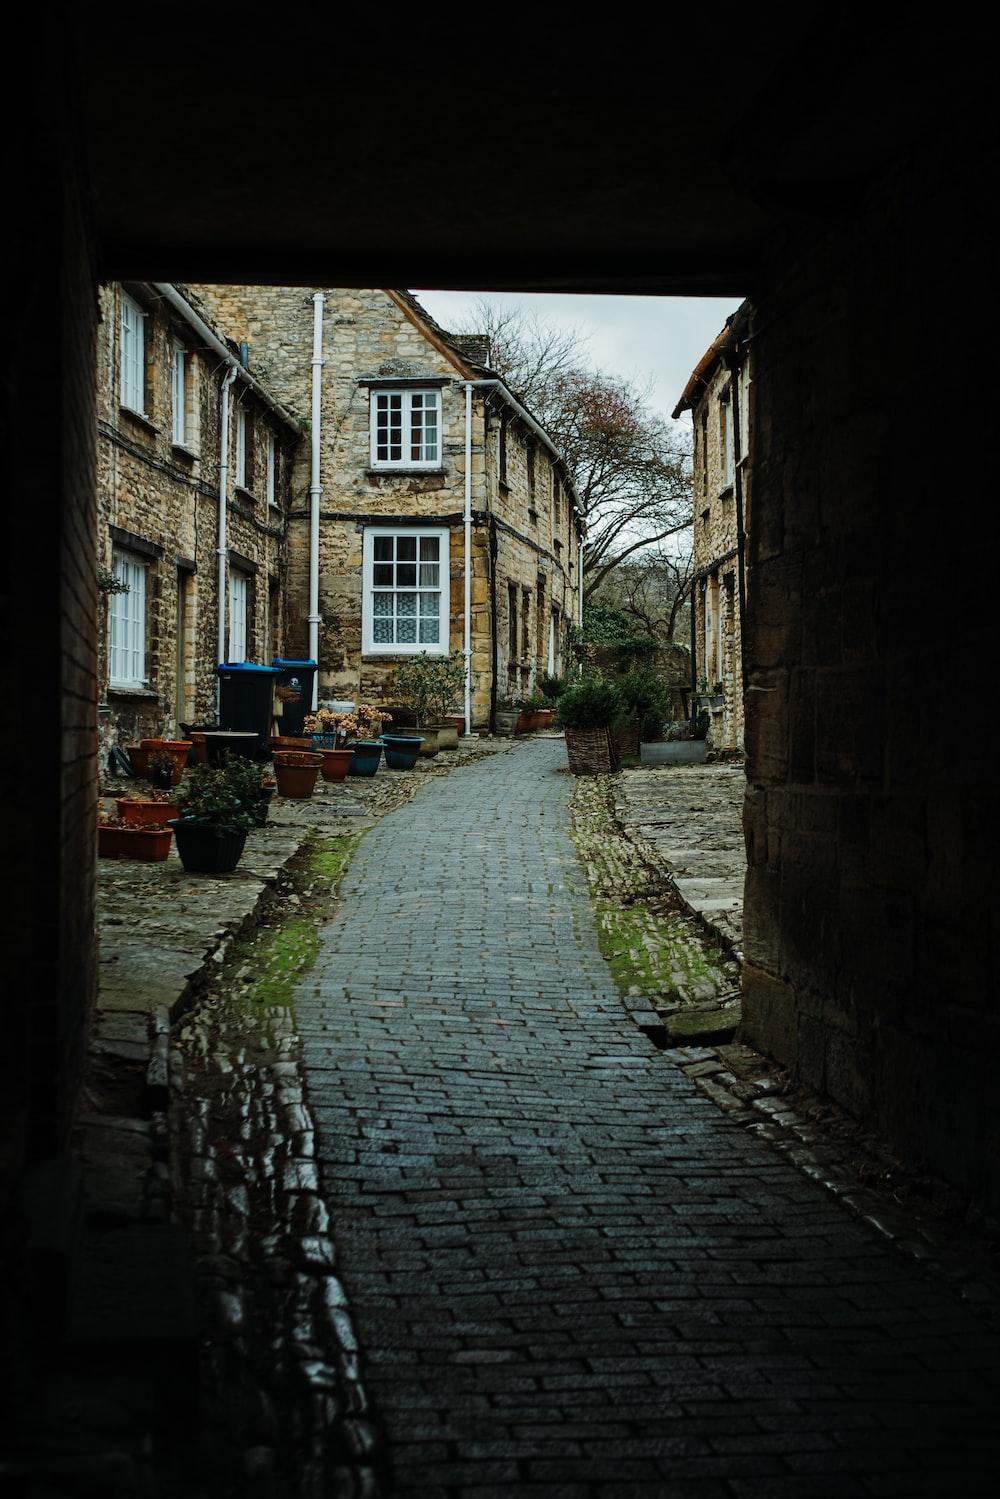 brick pathway in between concrete buildings